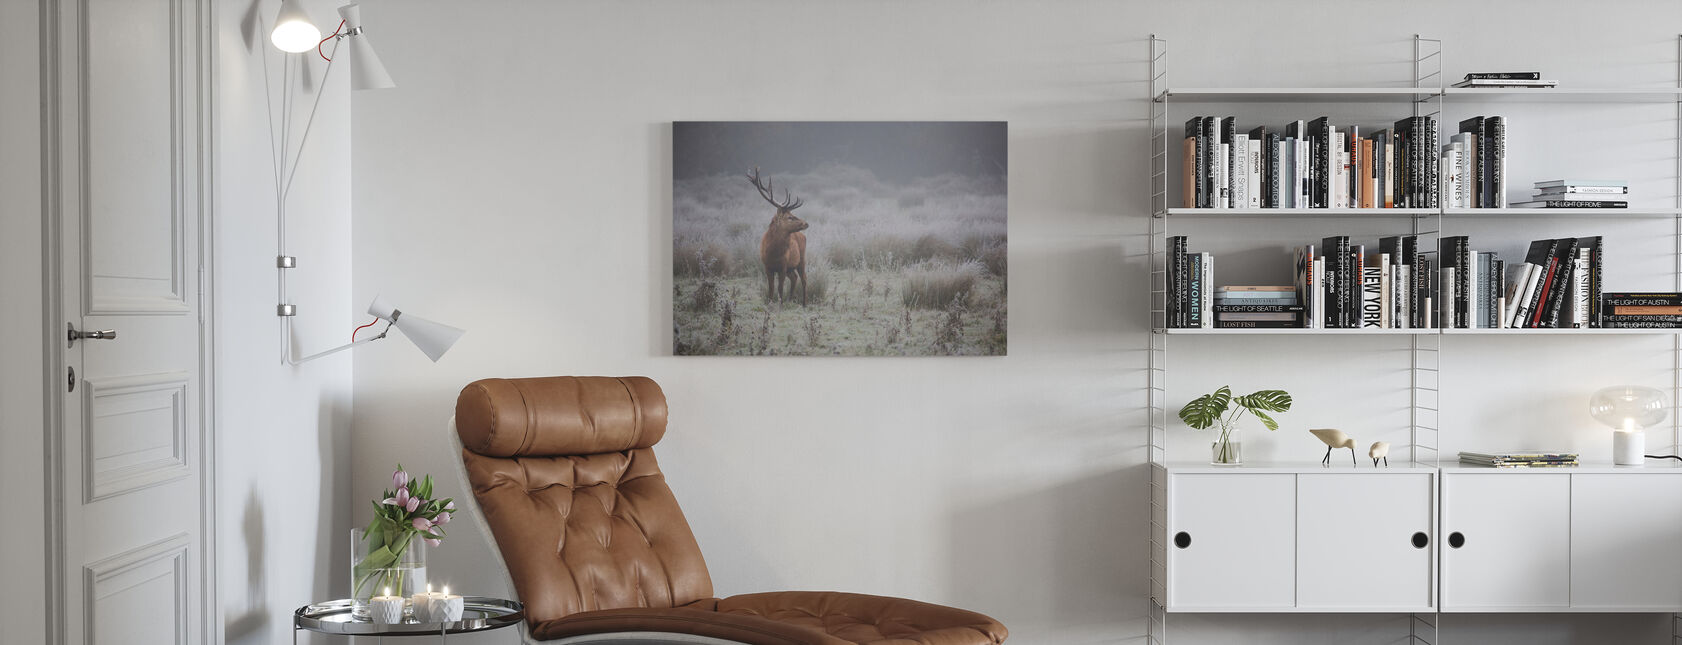 Prideful Deer - Canvas print - Living Room